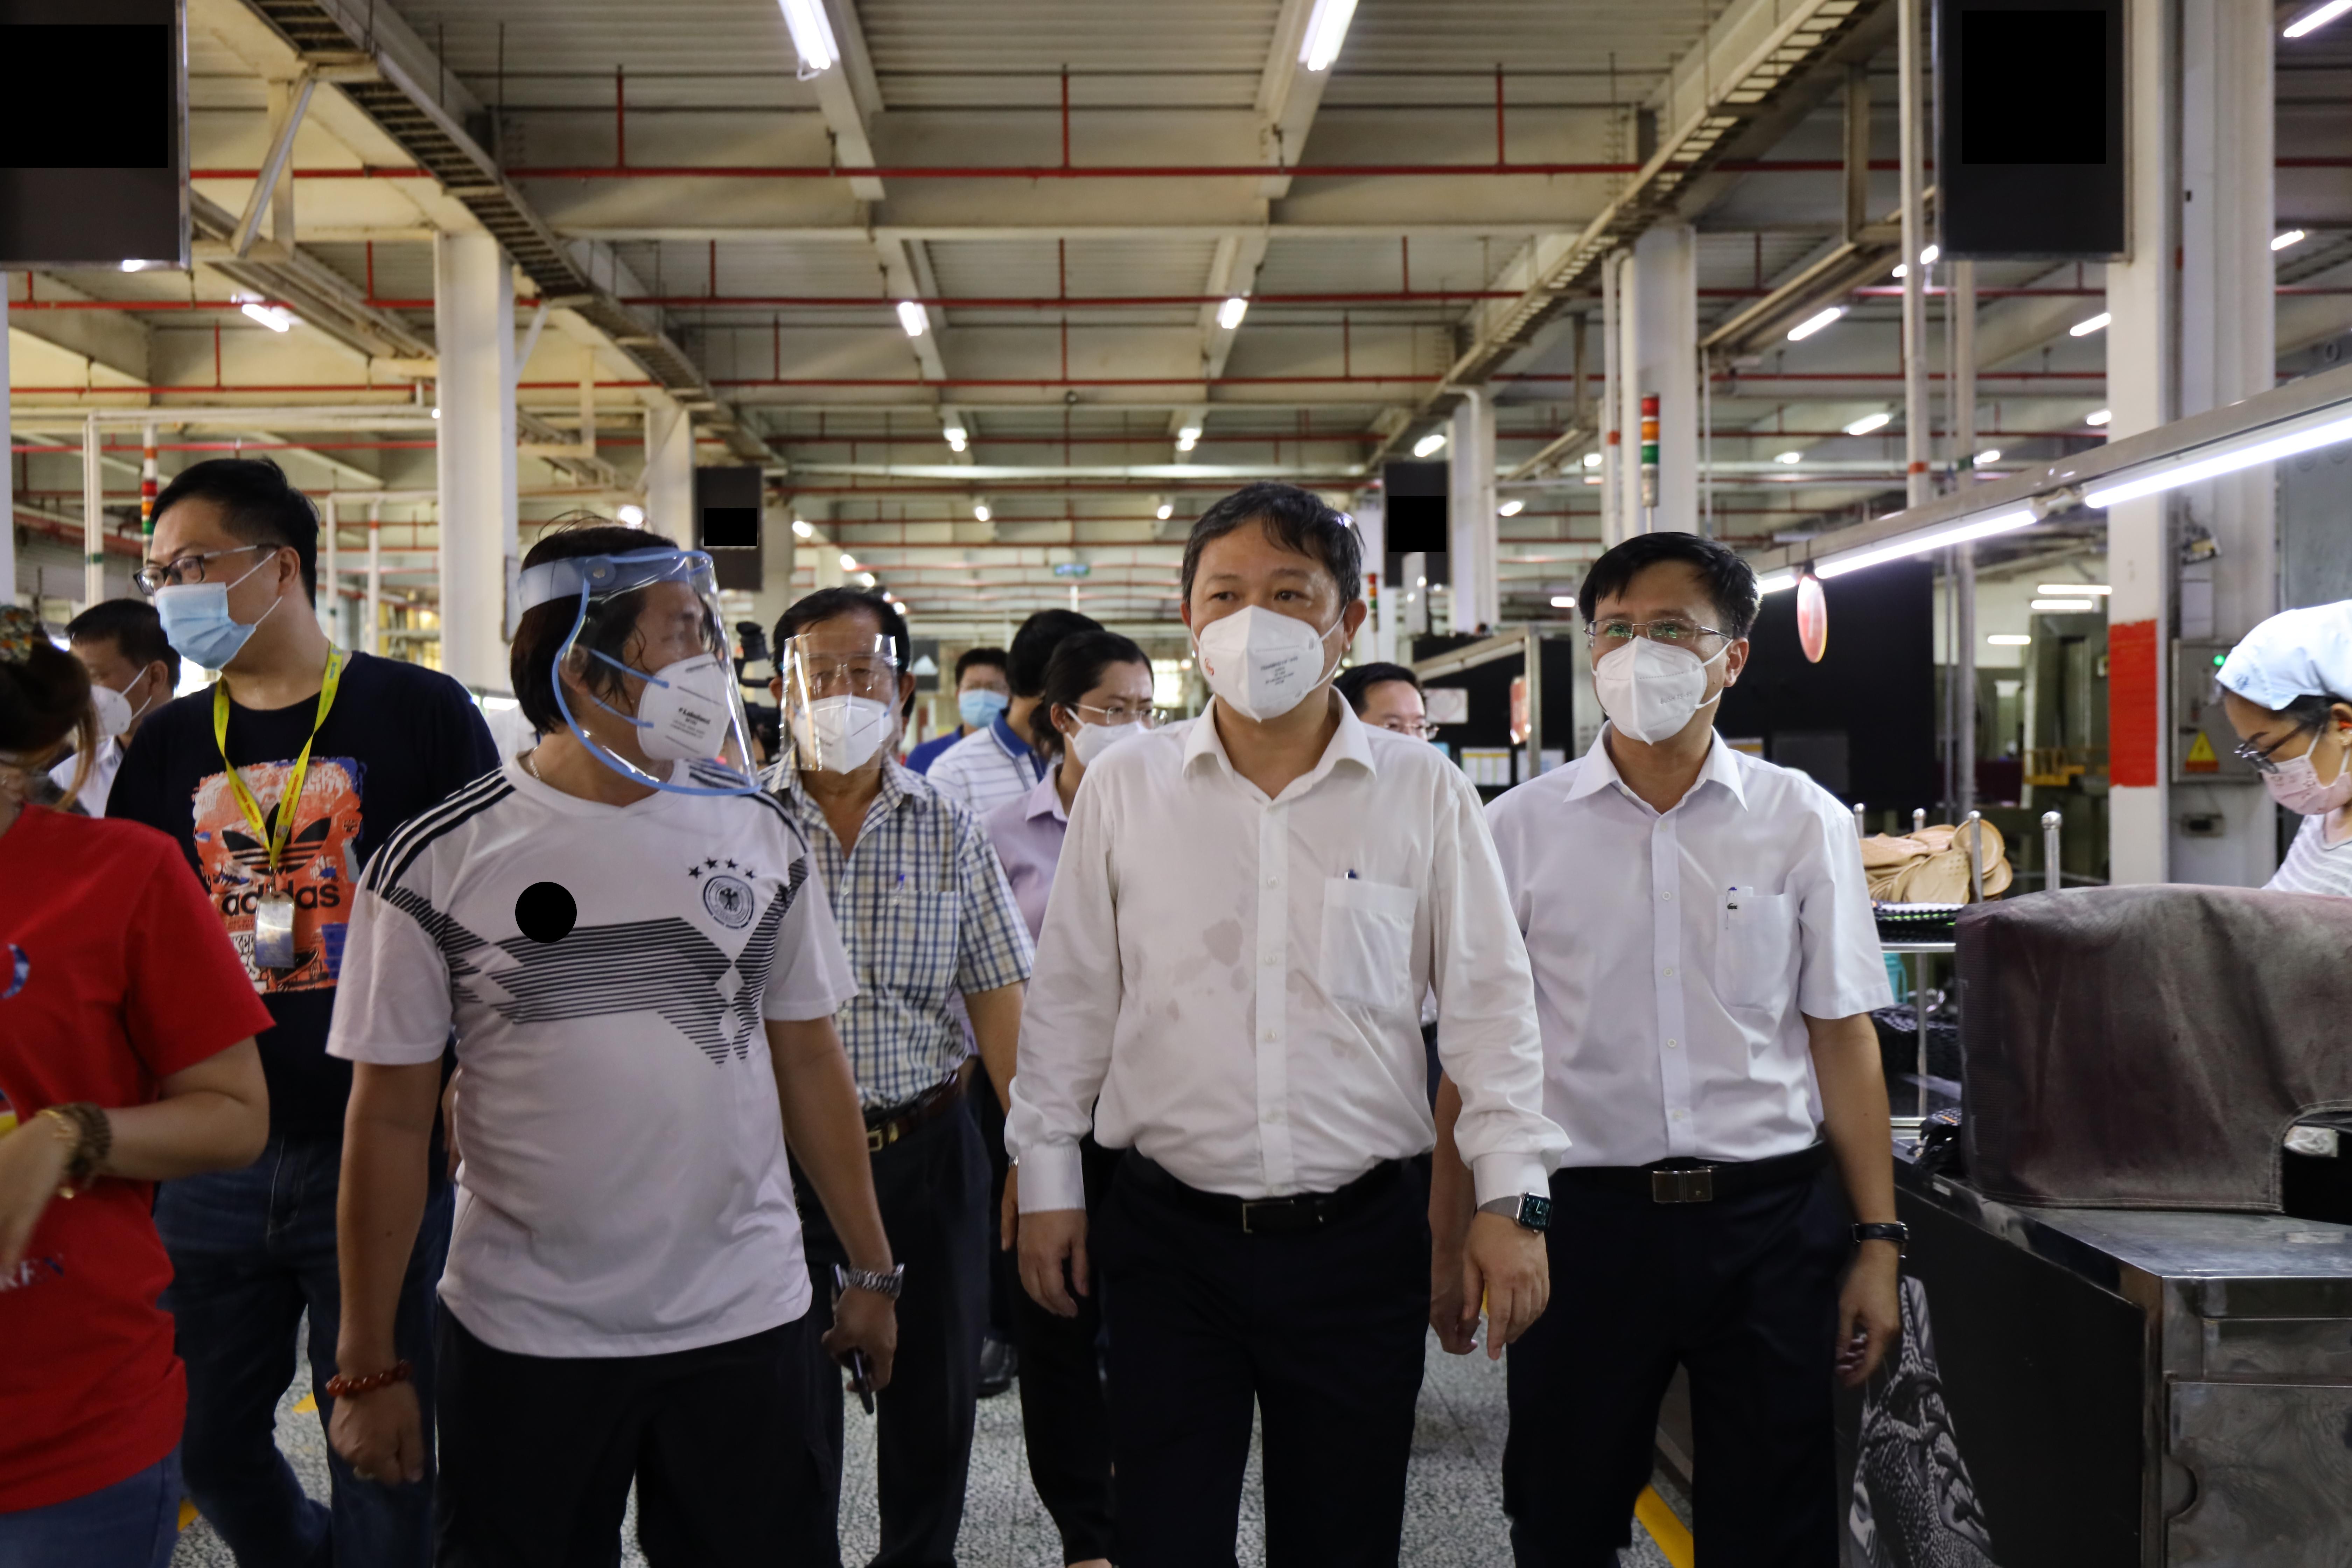 Phó chủ tịch UBND TP Dương Anh Đức kiểm tra phân xưởng sản xuất bên trong công ty PouYuen. Ảnh:Huyền Mai